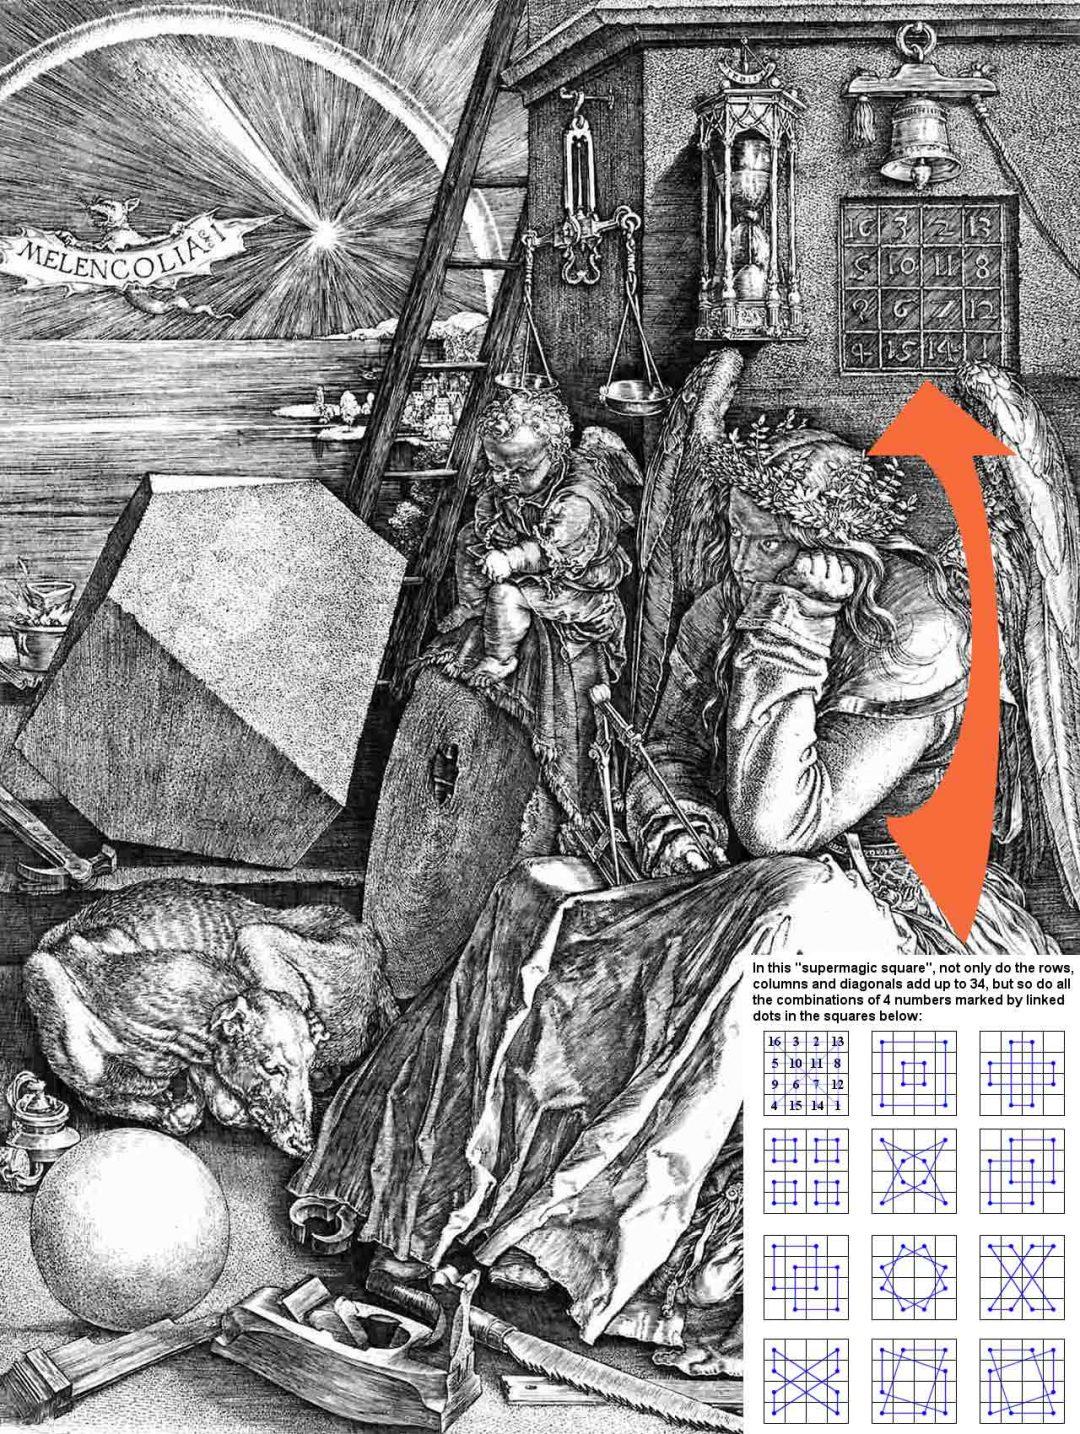 кунилингус меланхолия картина дюрера фото настаивал